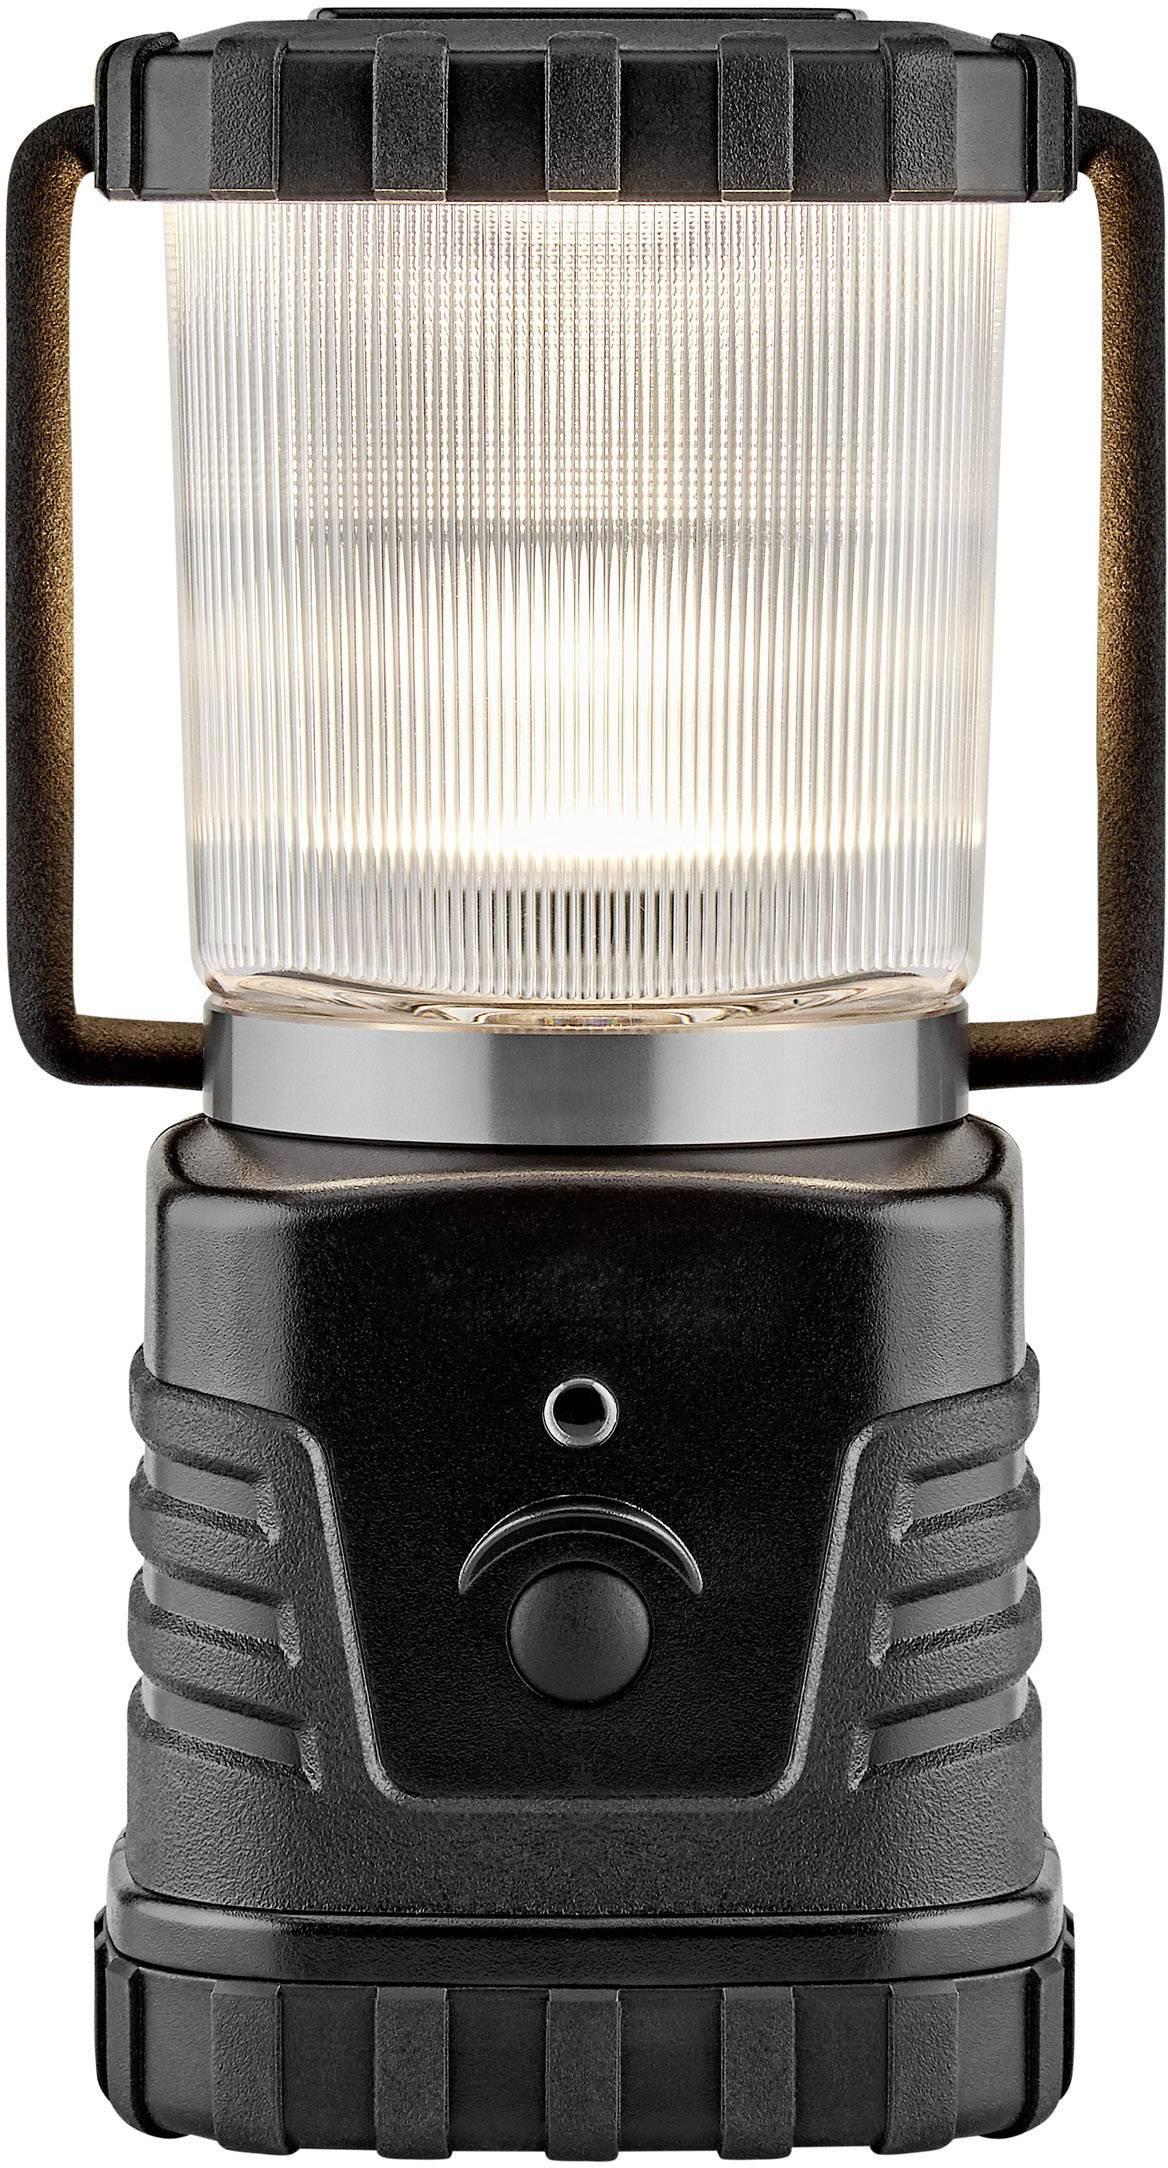 LED campingový lampáš Polarlite Profi 280 817 g, čierna